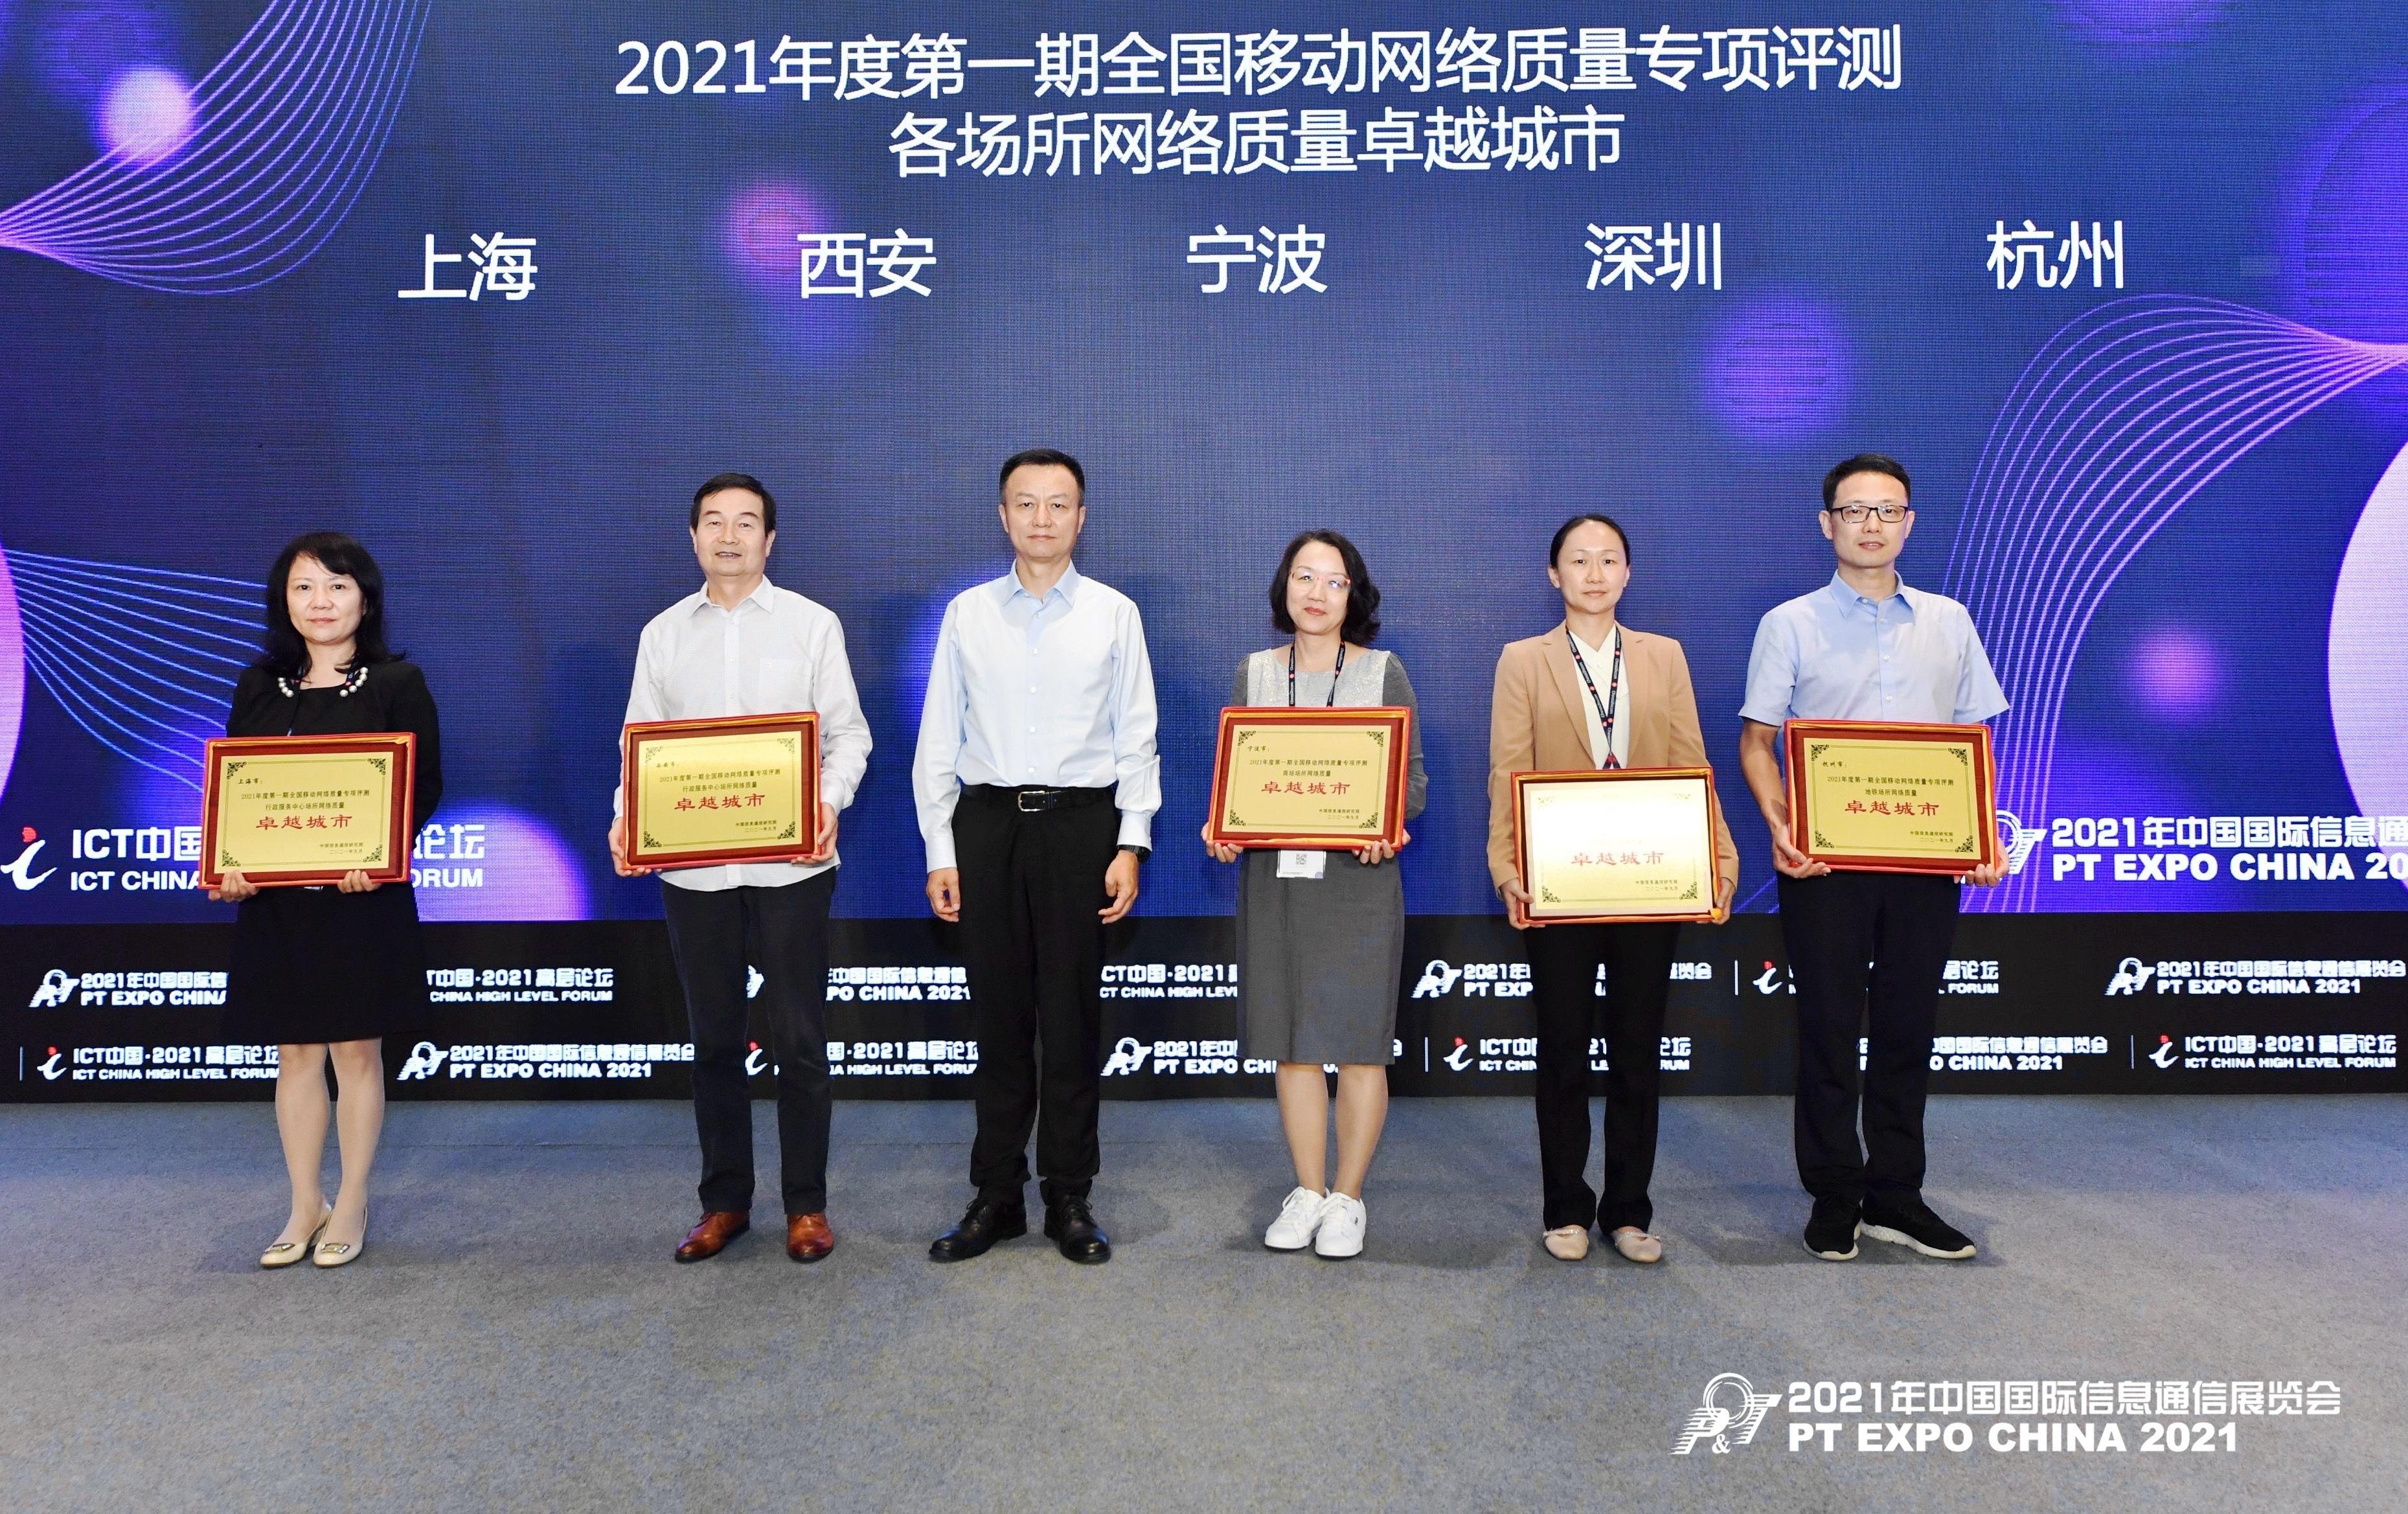 4G/5G综合指标全国第一,宁波移动打造网络硬核力量